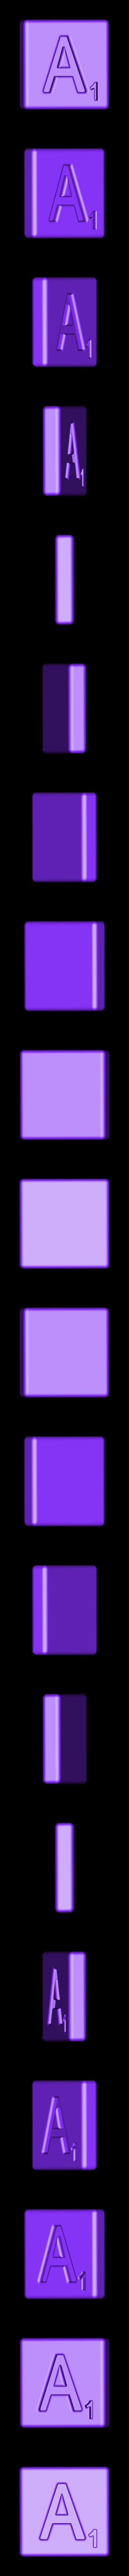 Single_Cut_A.STL Télécharger fichier STL gratuit Pièces et support SCRABBBLE • Design pour imprimante 3D, Balkhagal4D